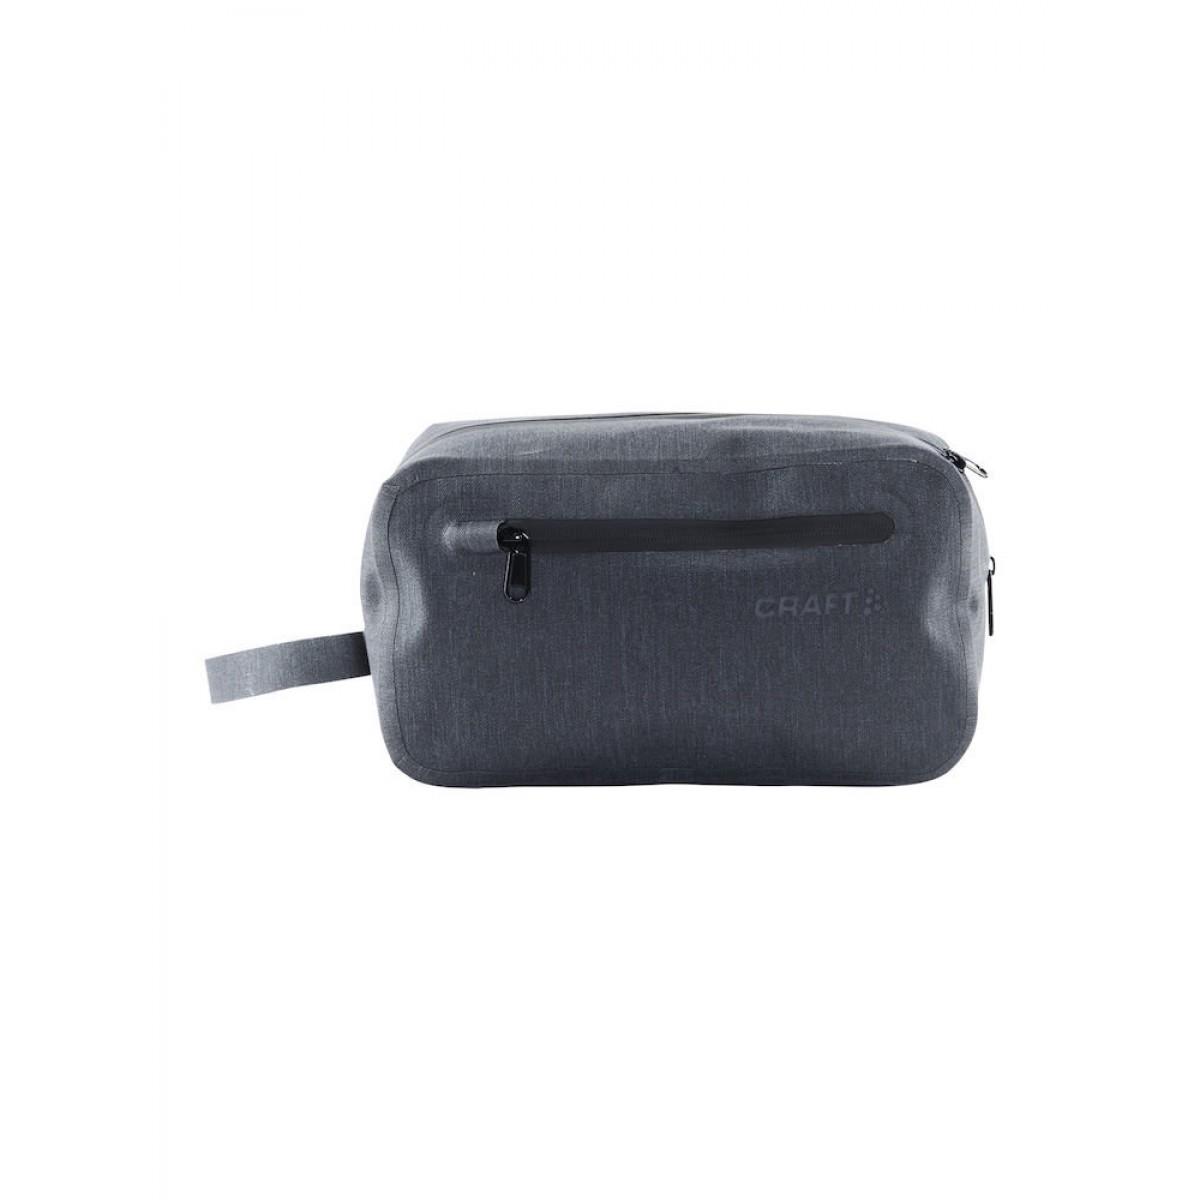 Craft RAW Wasg Bag-31